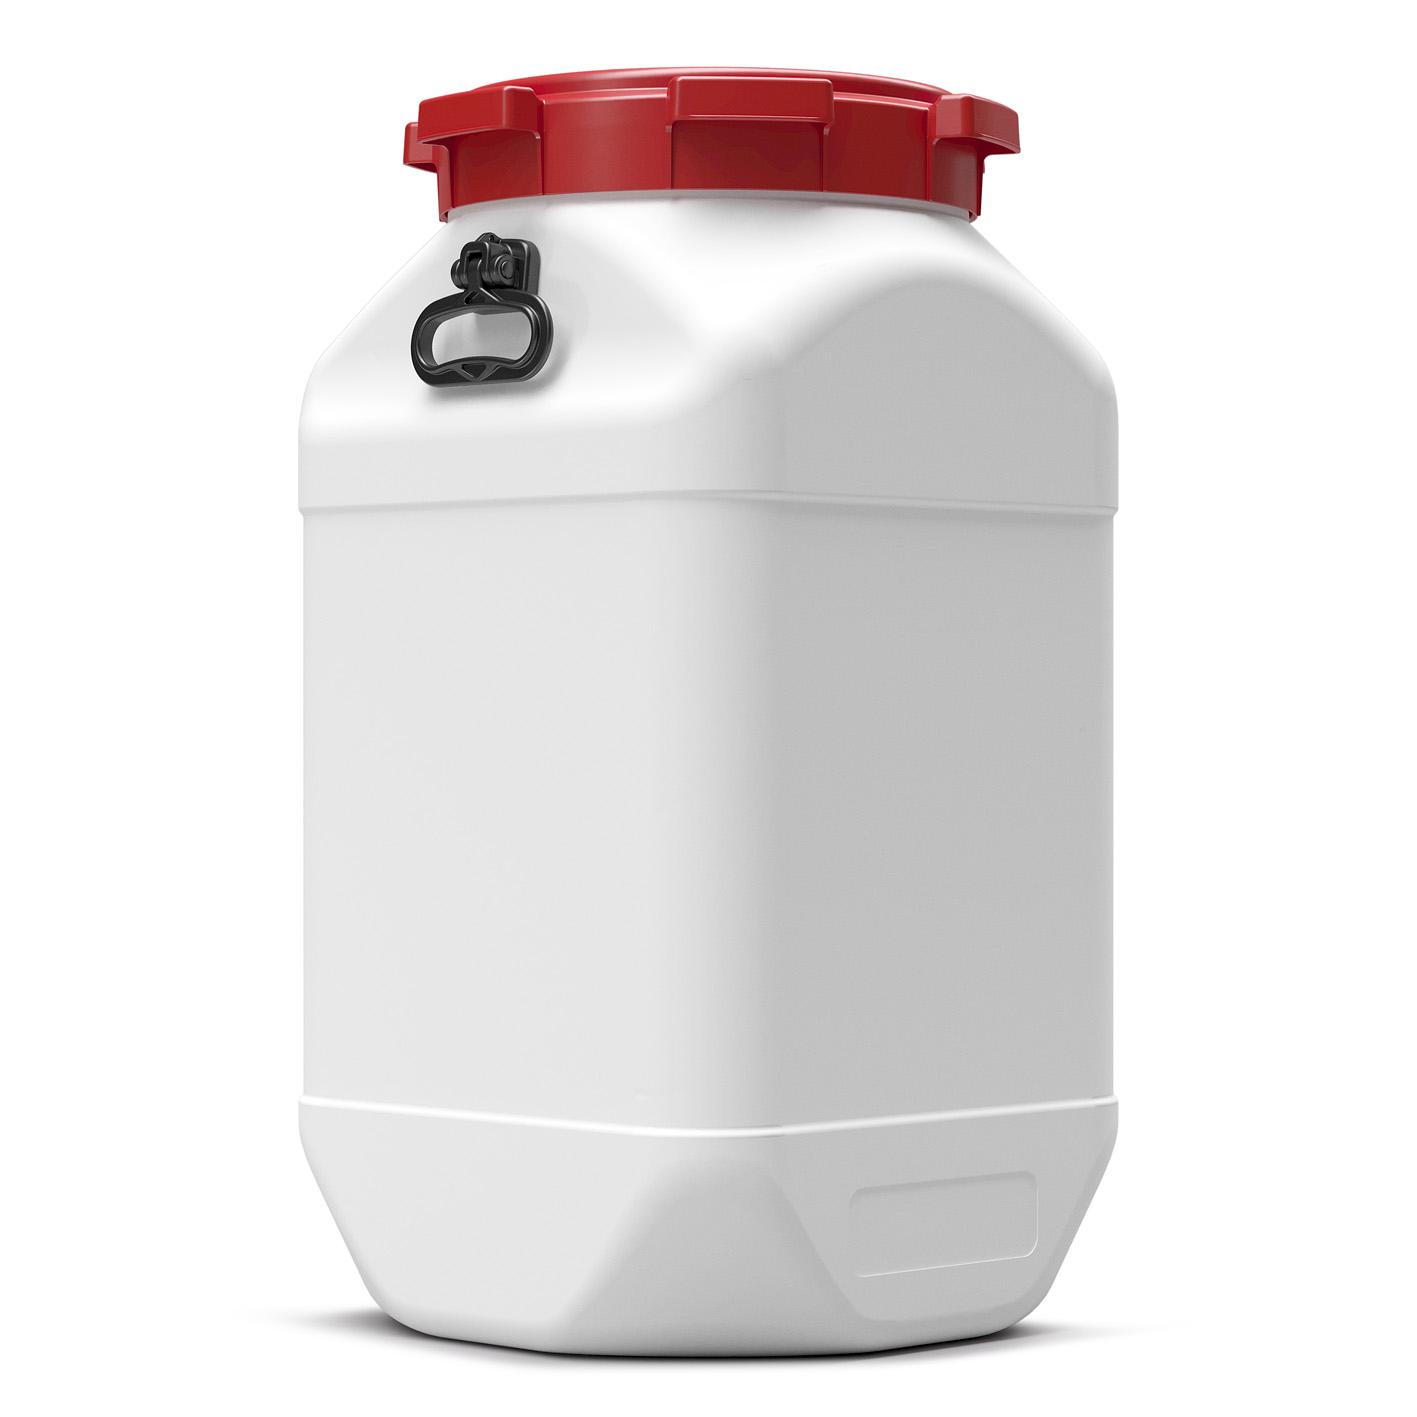 80 liter Square drum